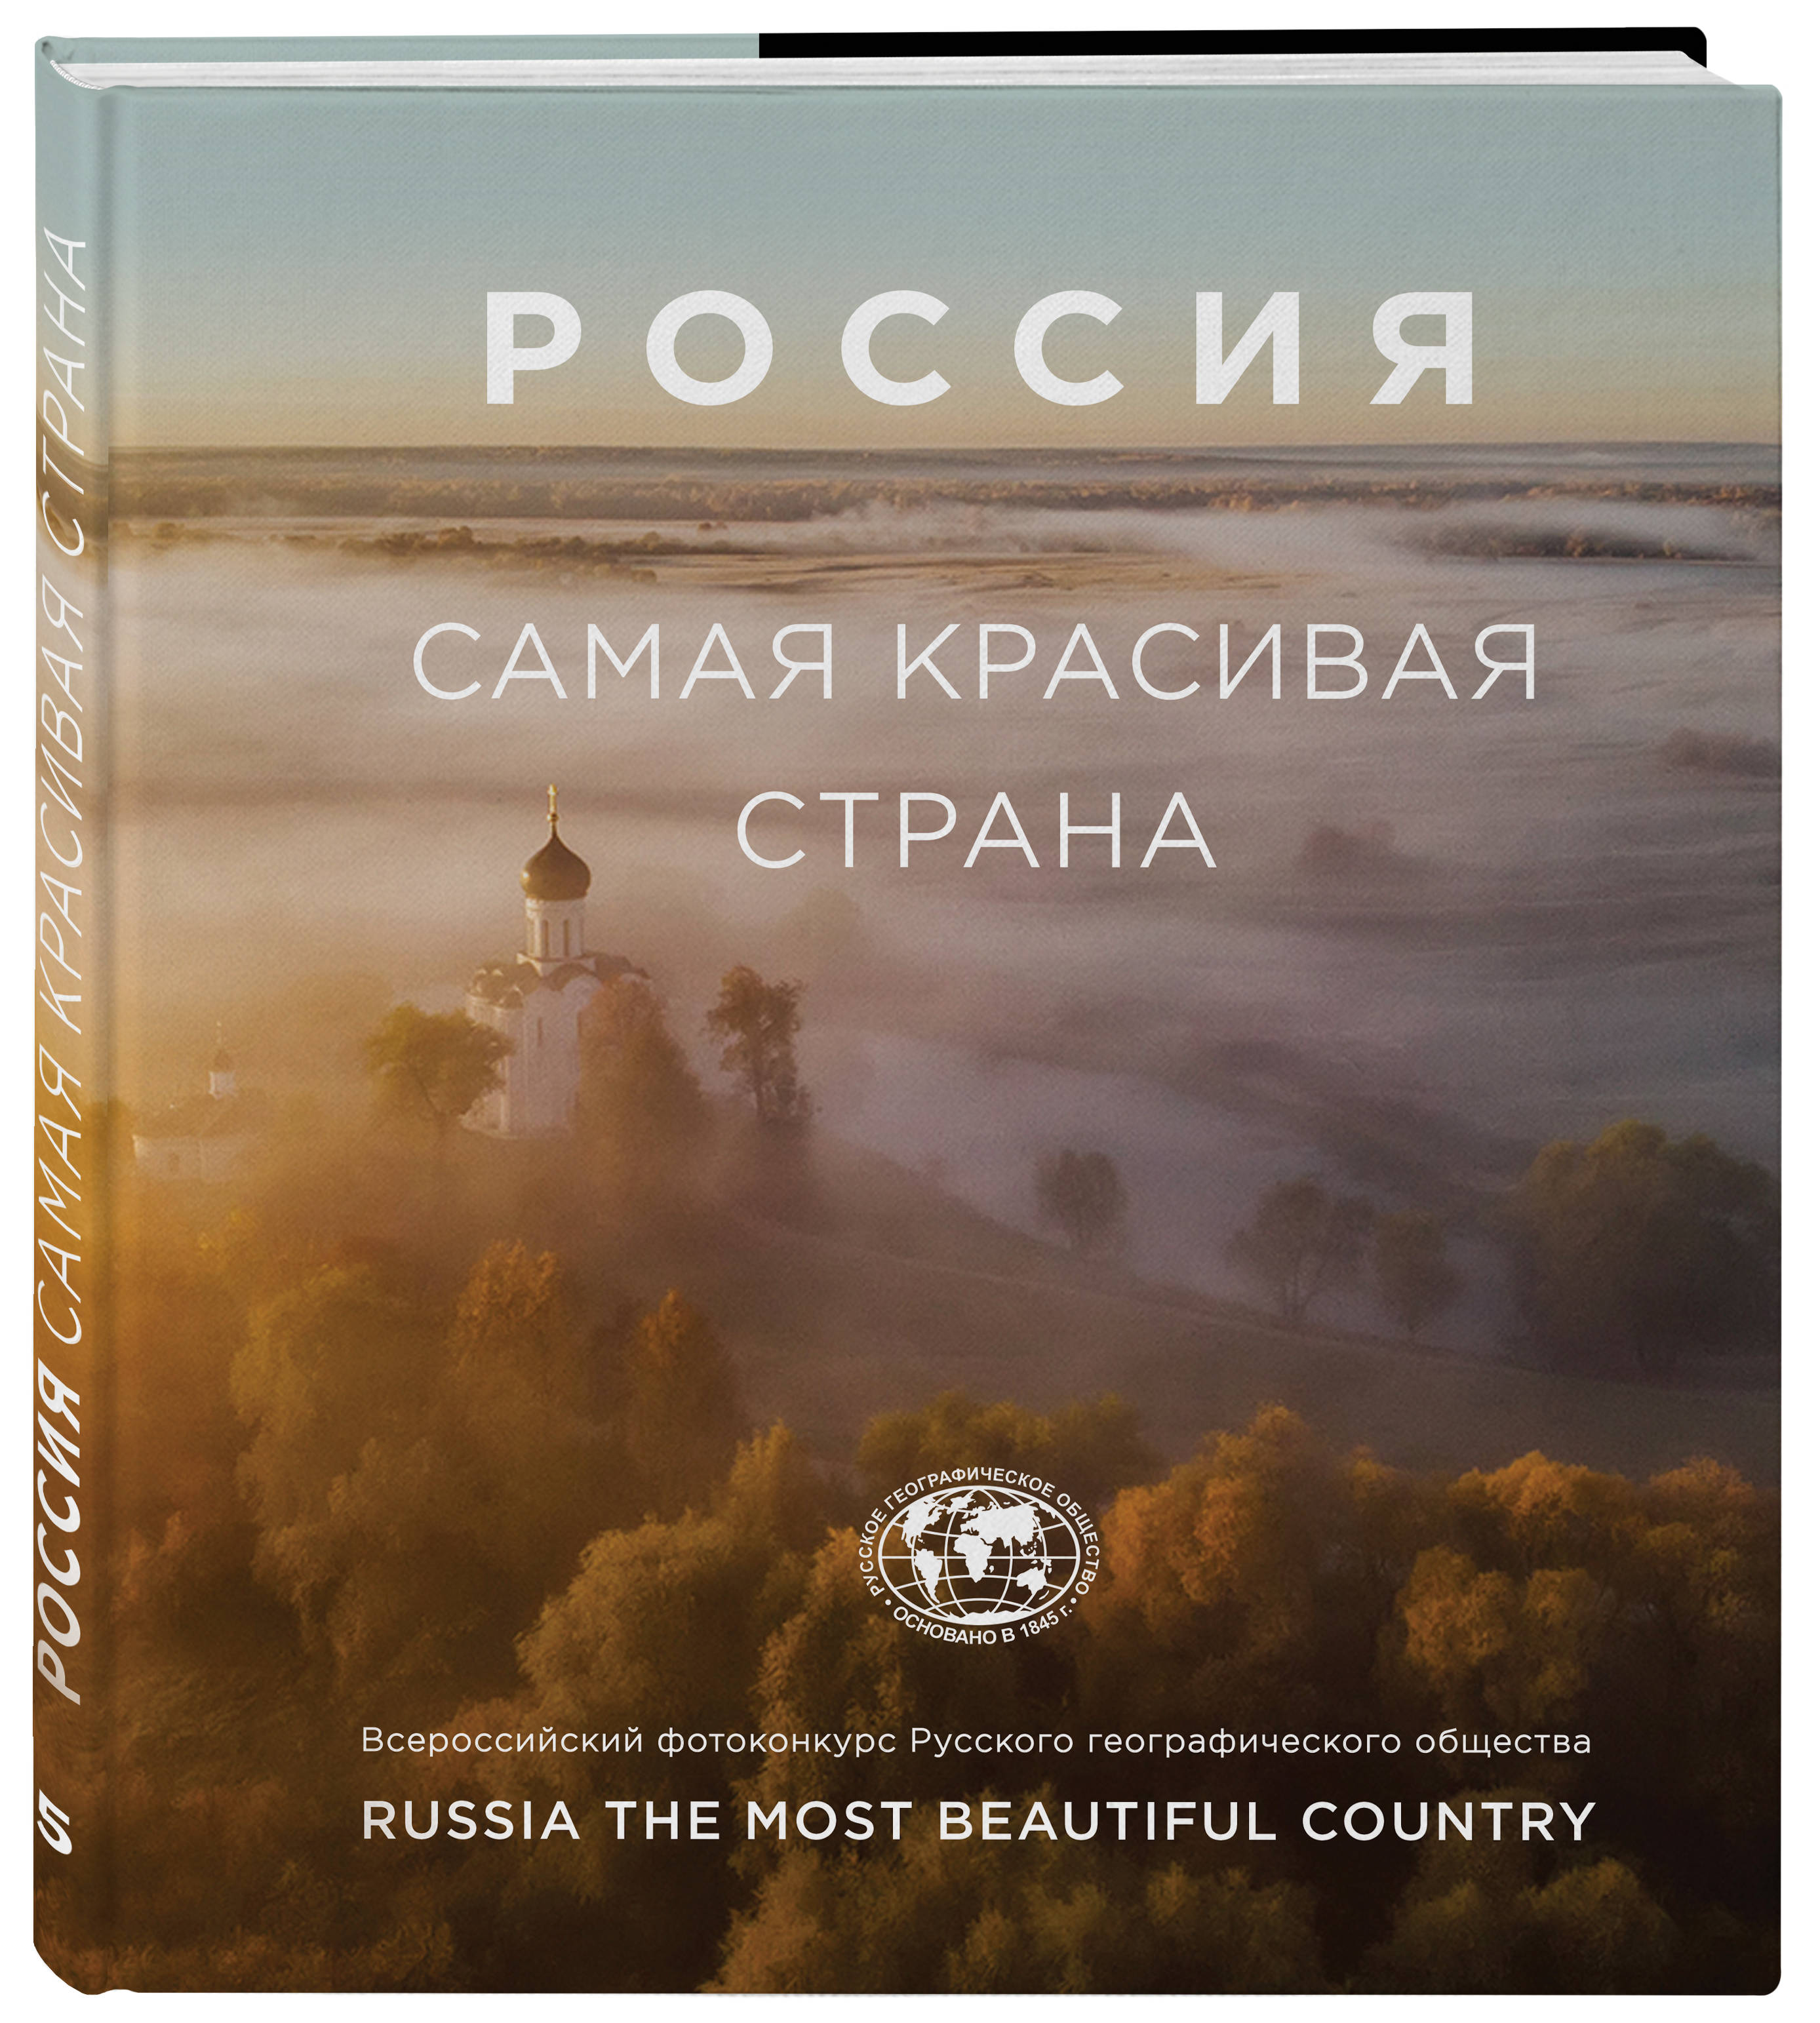 Фото - Россия самая красивая страна (фотоальбом 2) илья каверин николай бухарин перед судом истории…